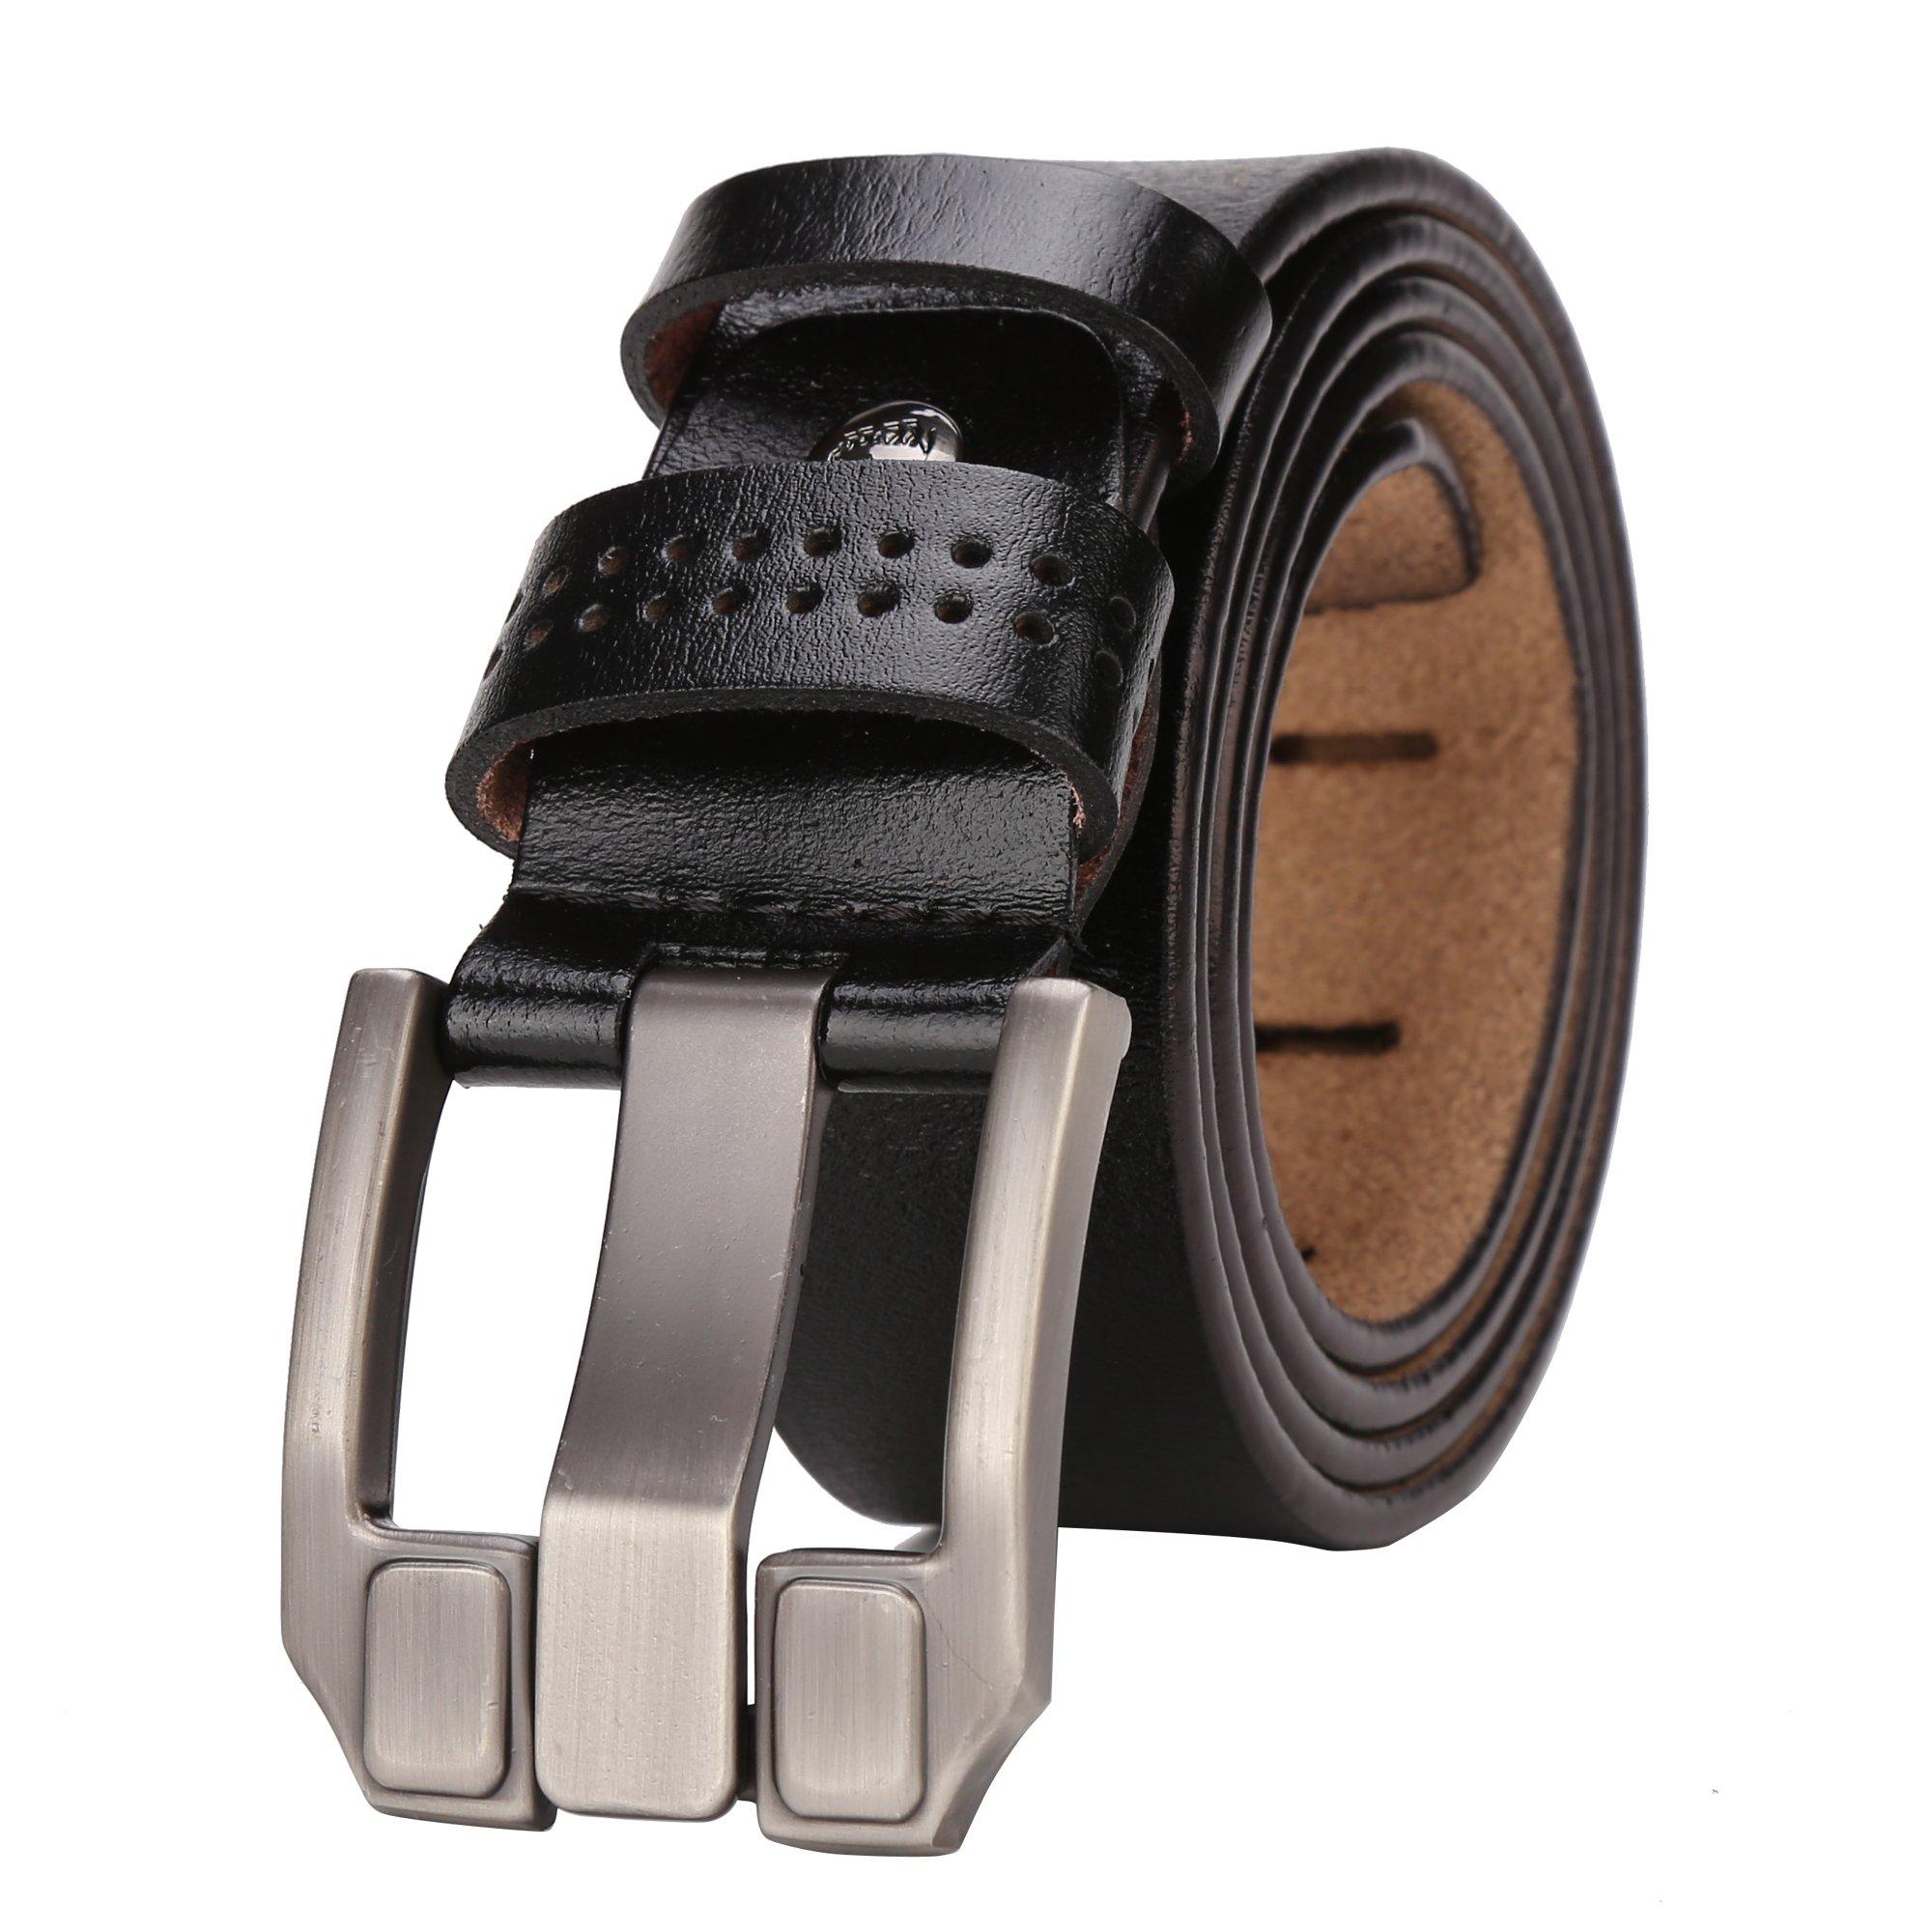 BISON DENIM Mens Leather Belt Genuine Leather Dress Belt Casual Fashion Single Prong Buckle Belts for Jeans